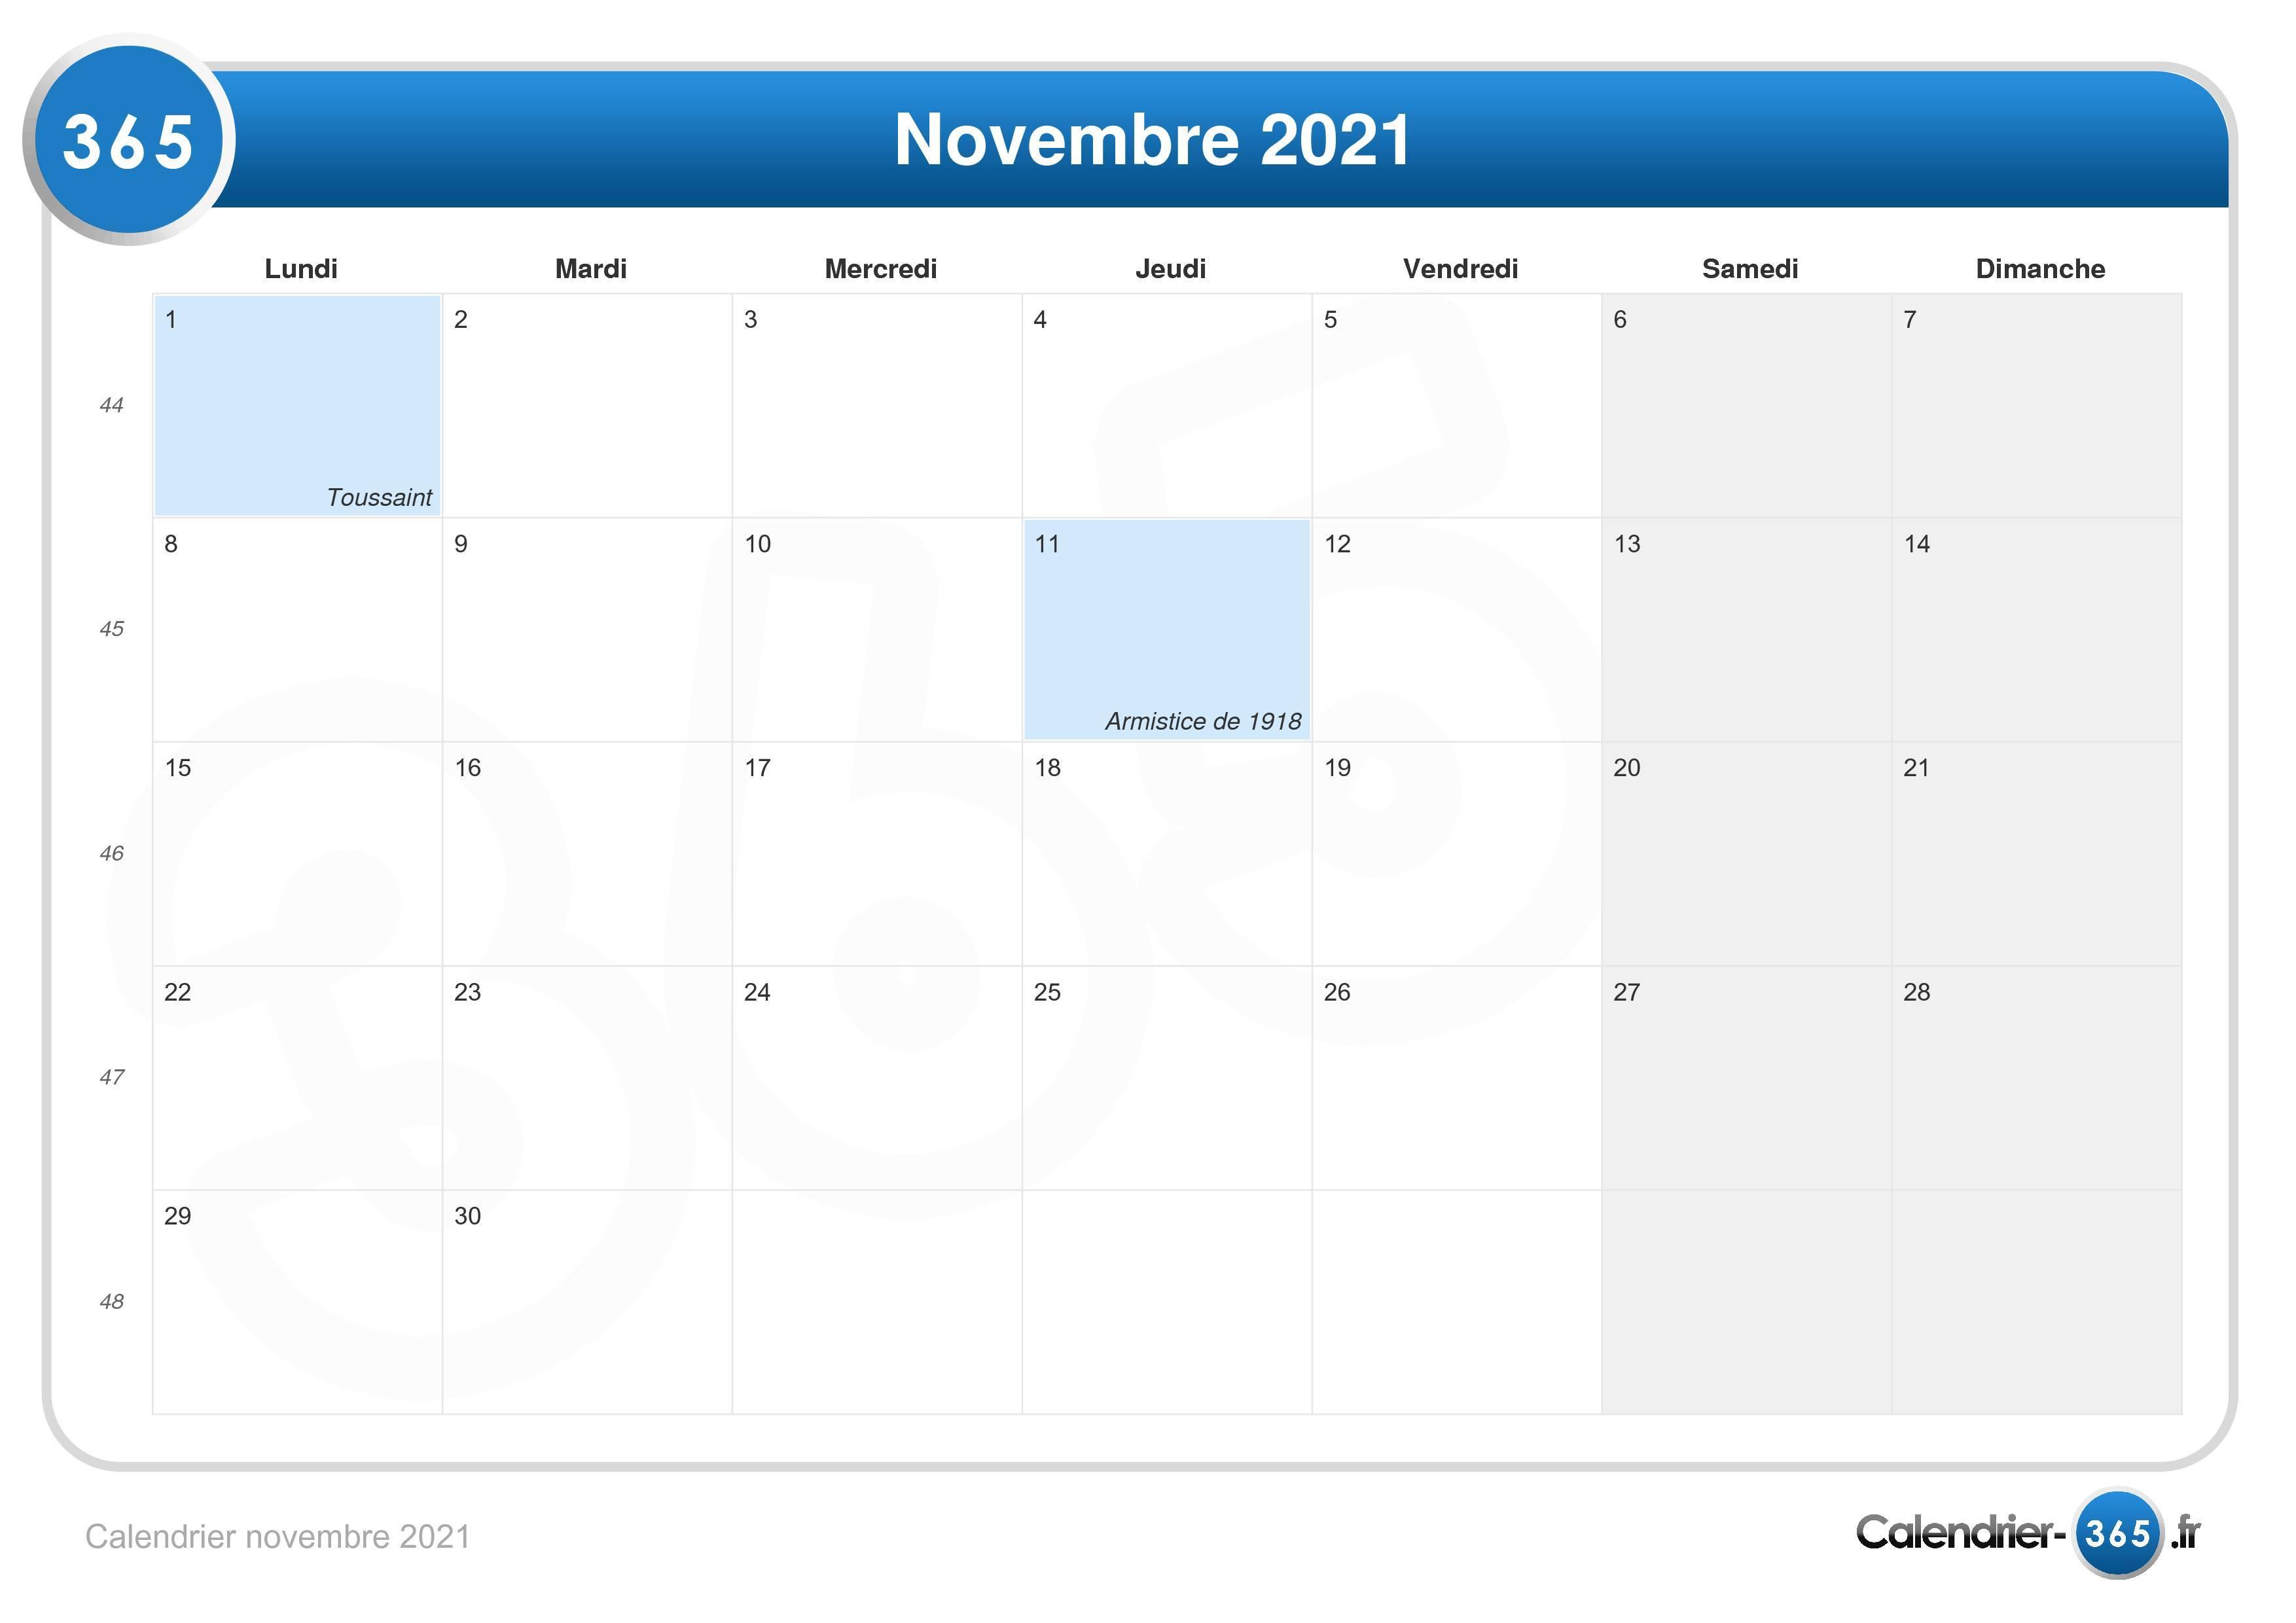 Calendrier novembre 2021